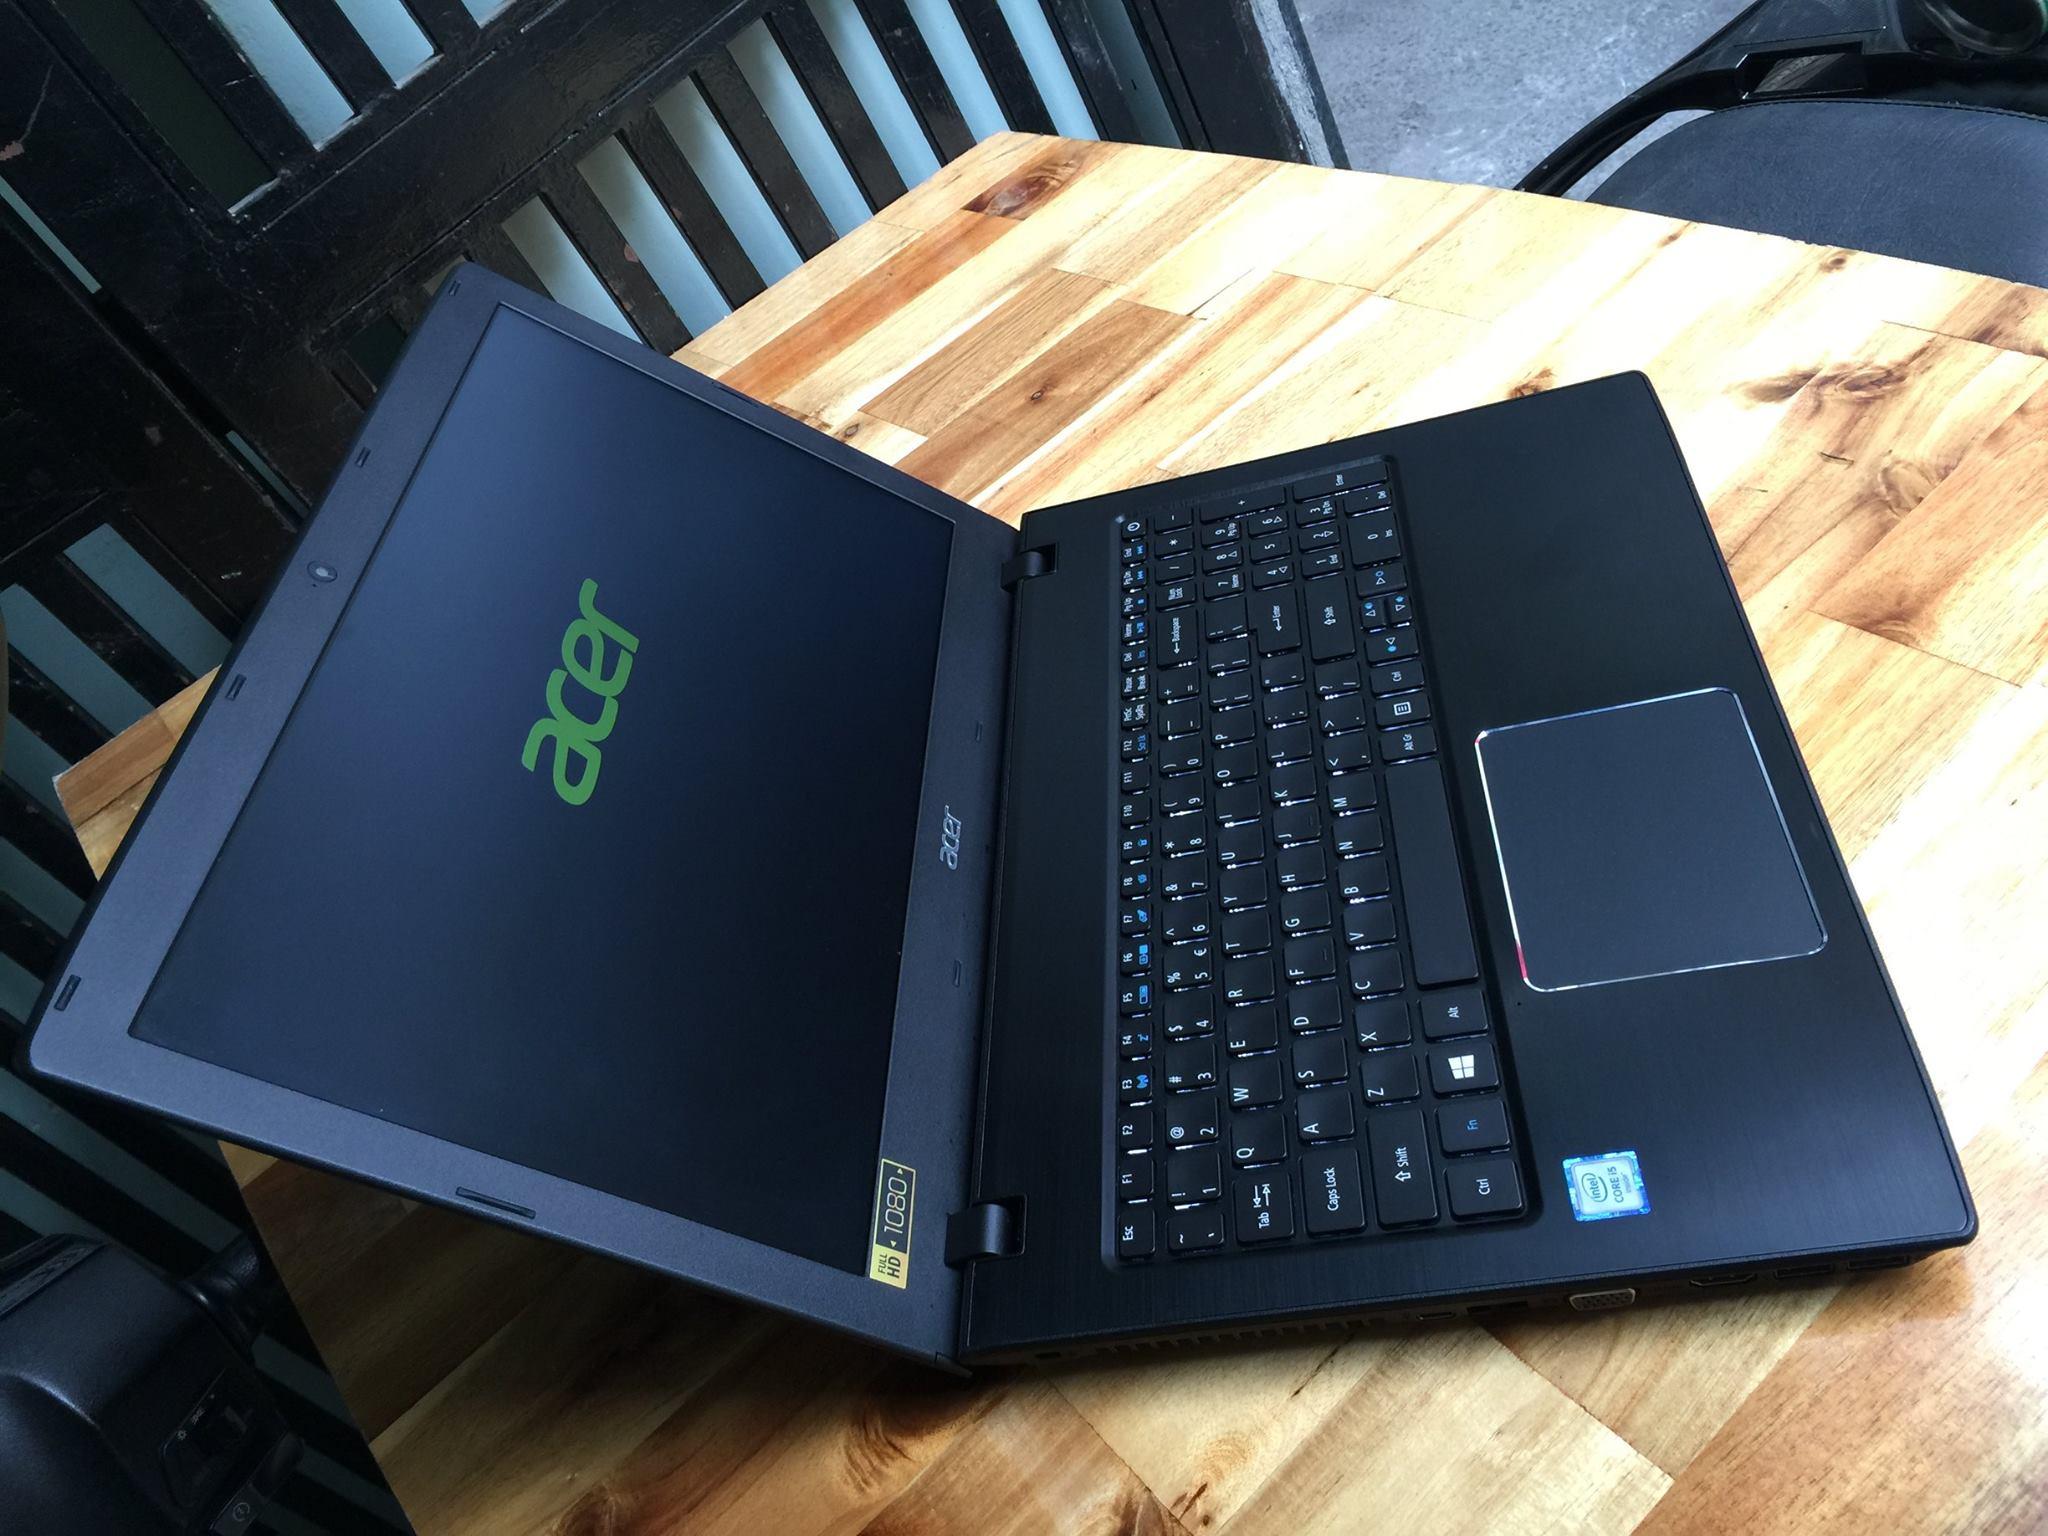 Acer E5-575, i3 7100u, 4G, SSD 128G, Full HD